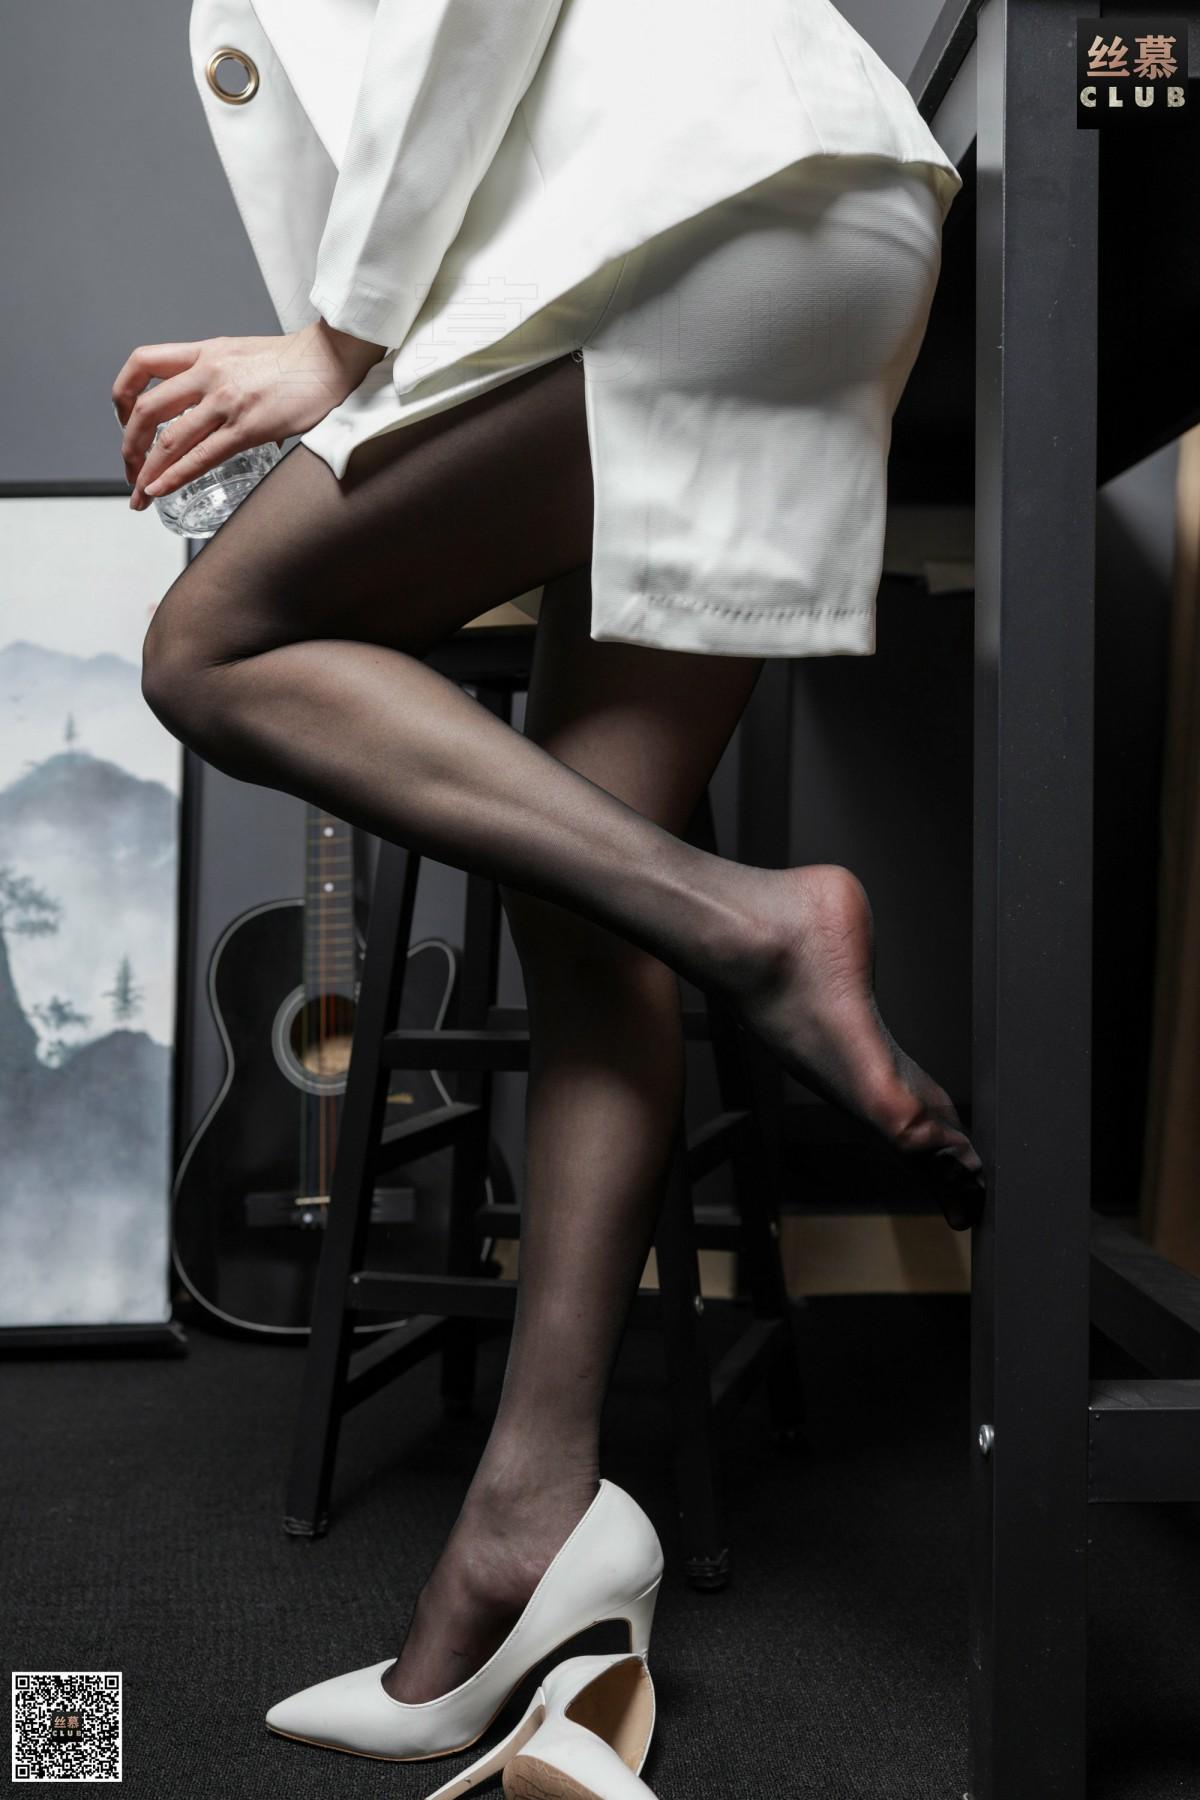 丝慕写真 花姐 - 白领的品酒体验 第2张